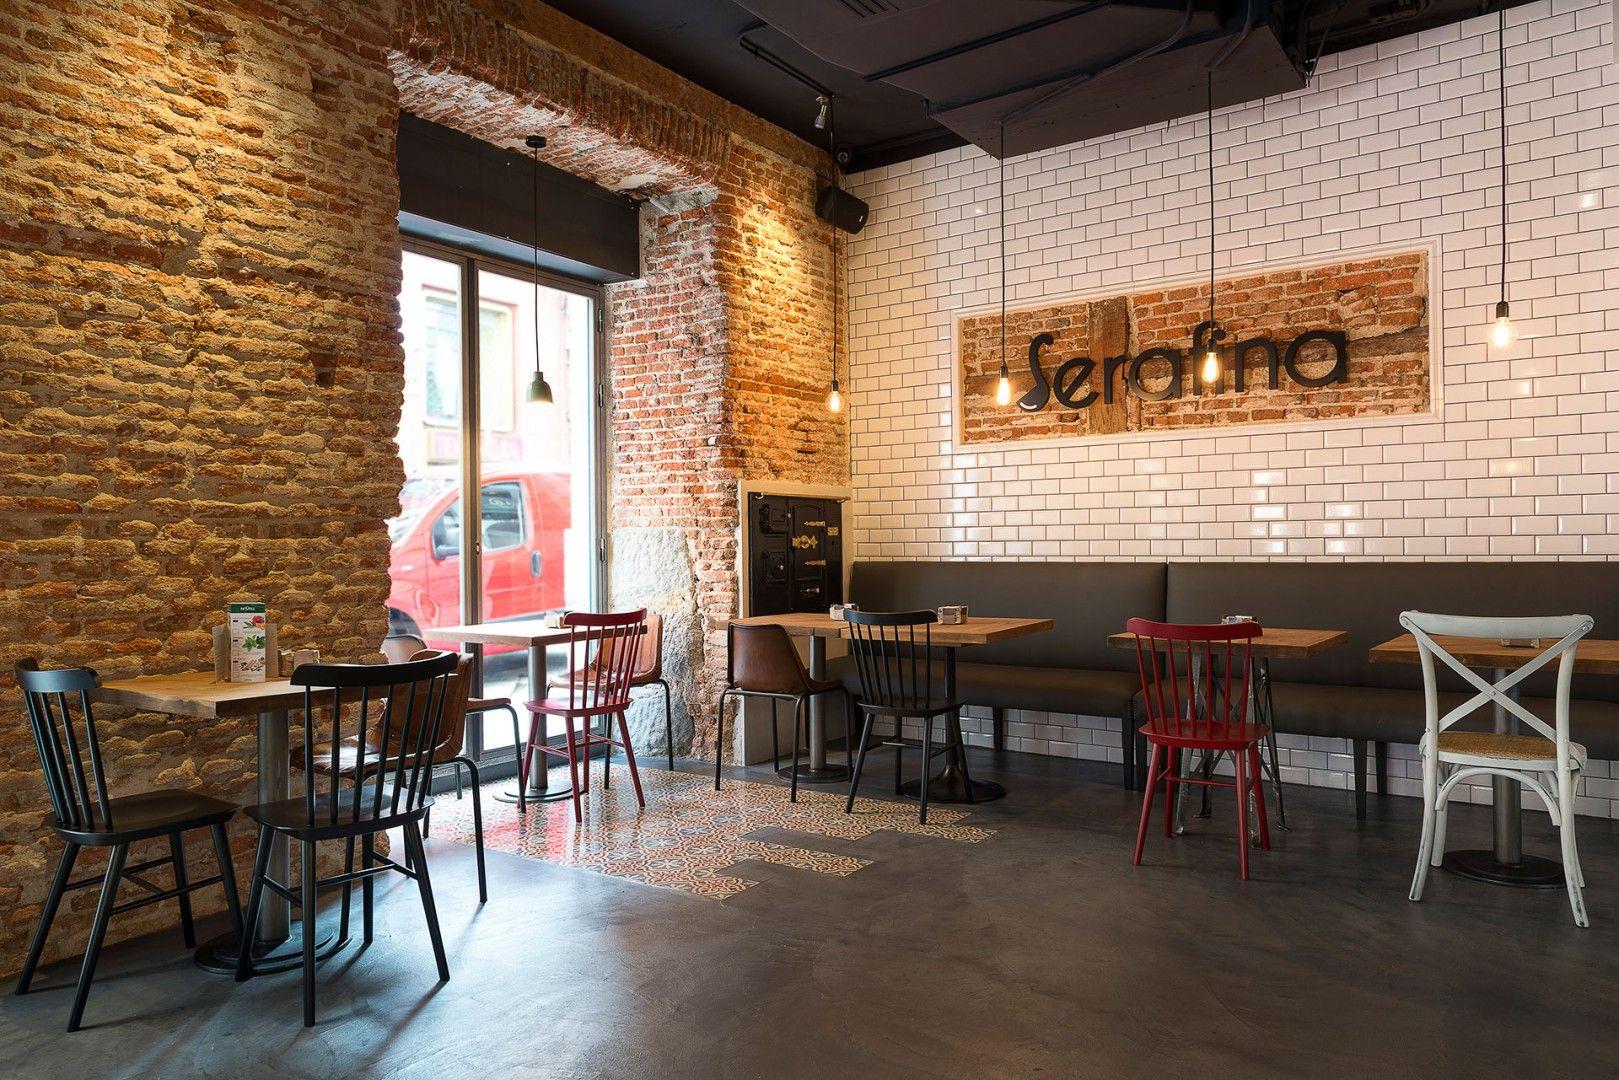 Serafina Cocina Bar | Ciudades: Madrid / Cities: Madrid | Pinterest ...